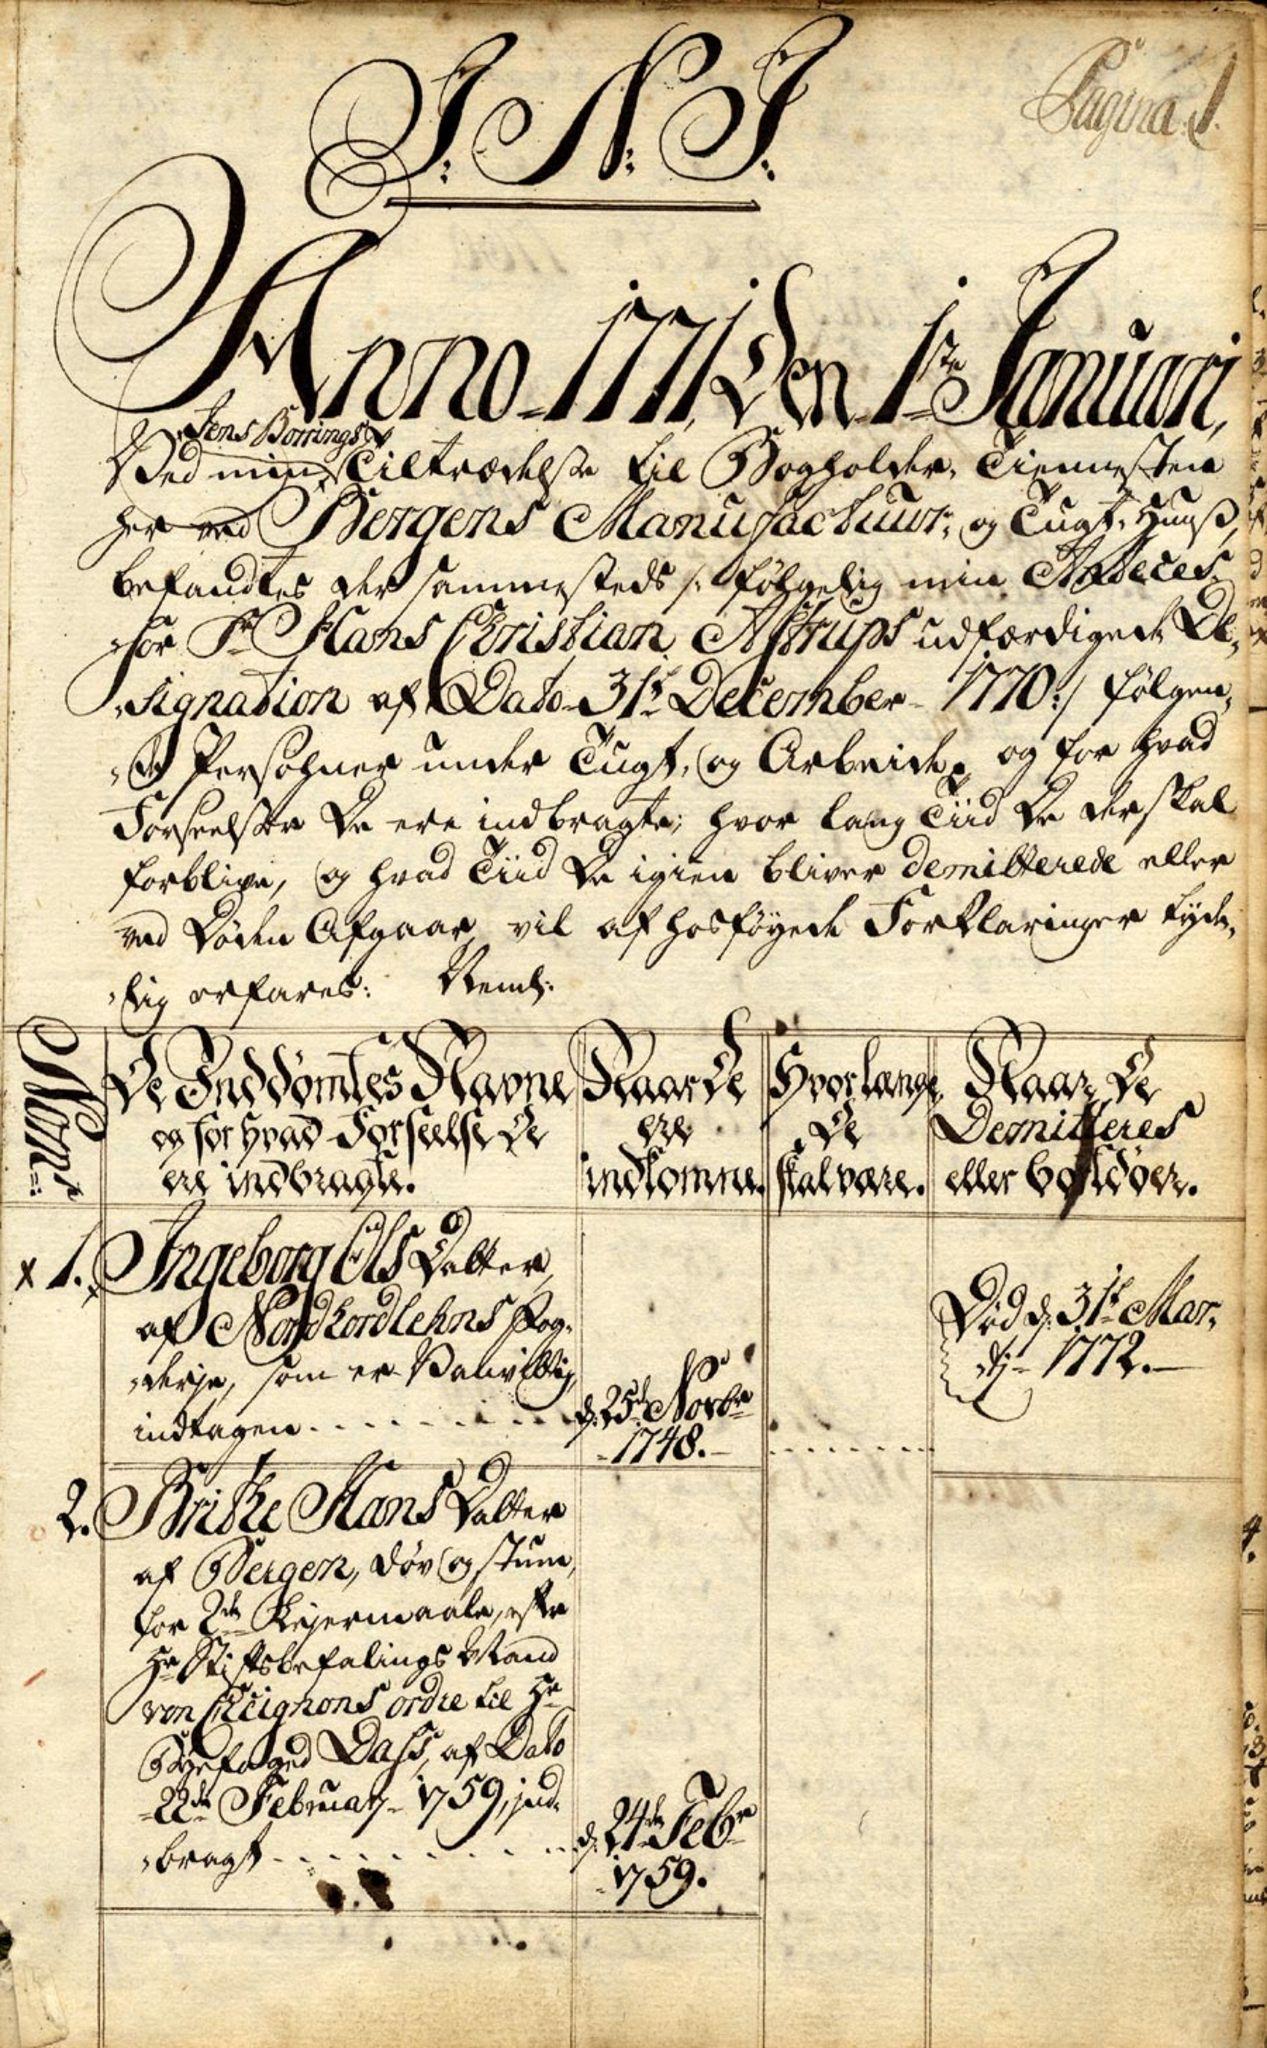 SAB, Bergen tukt- og manufakturhus, 1771-1776, s. 1